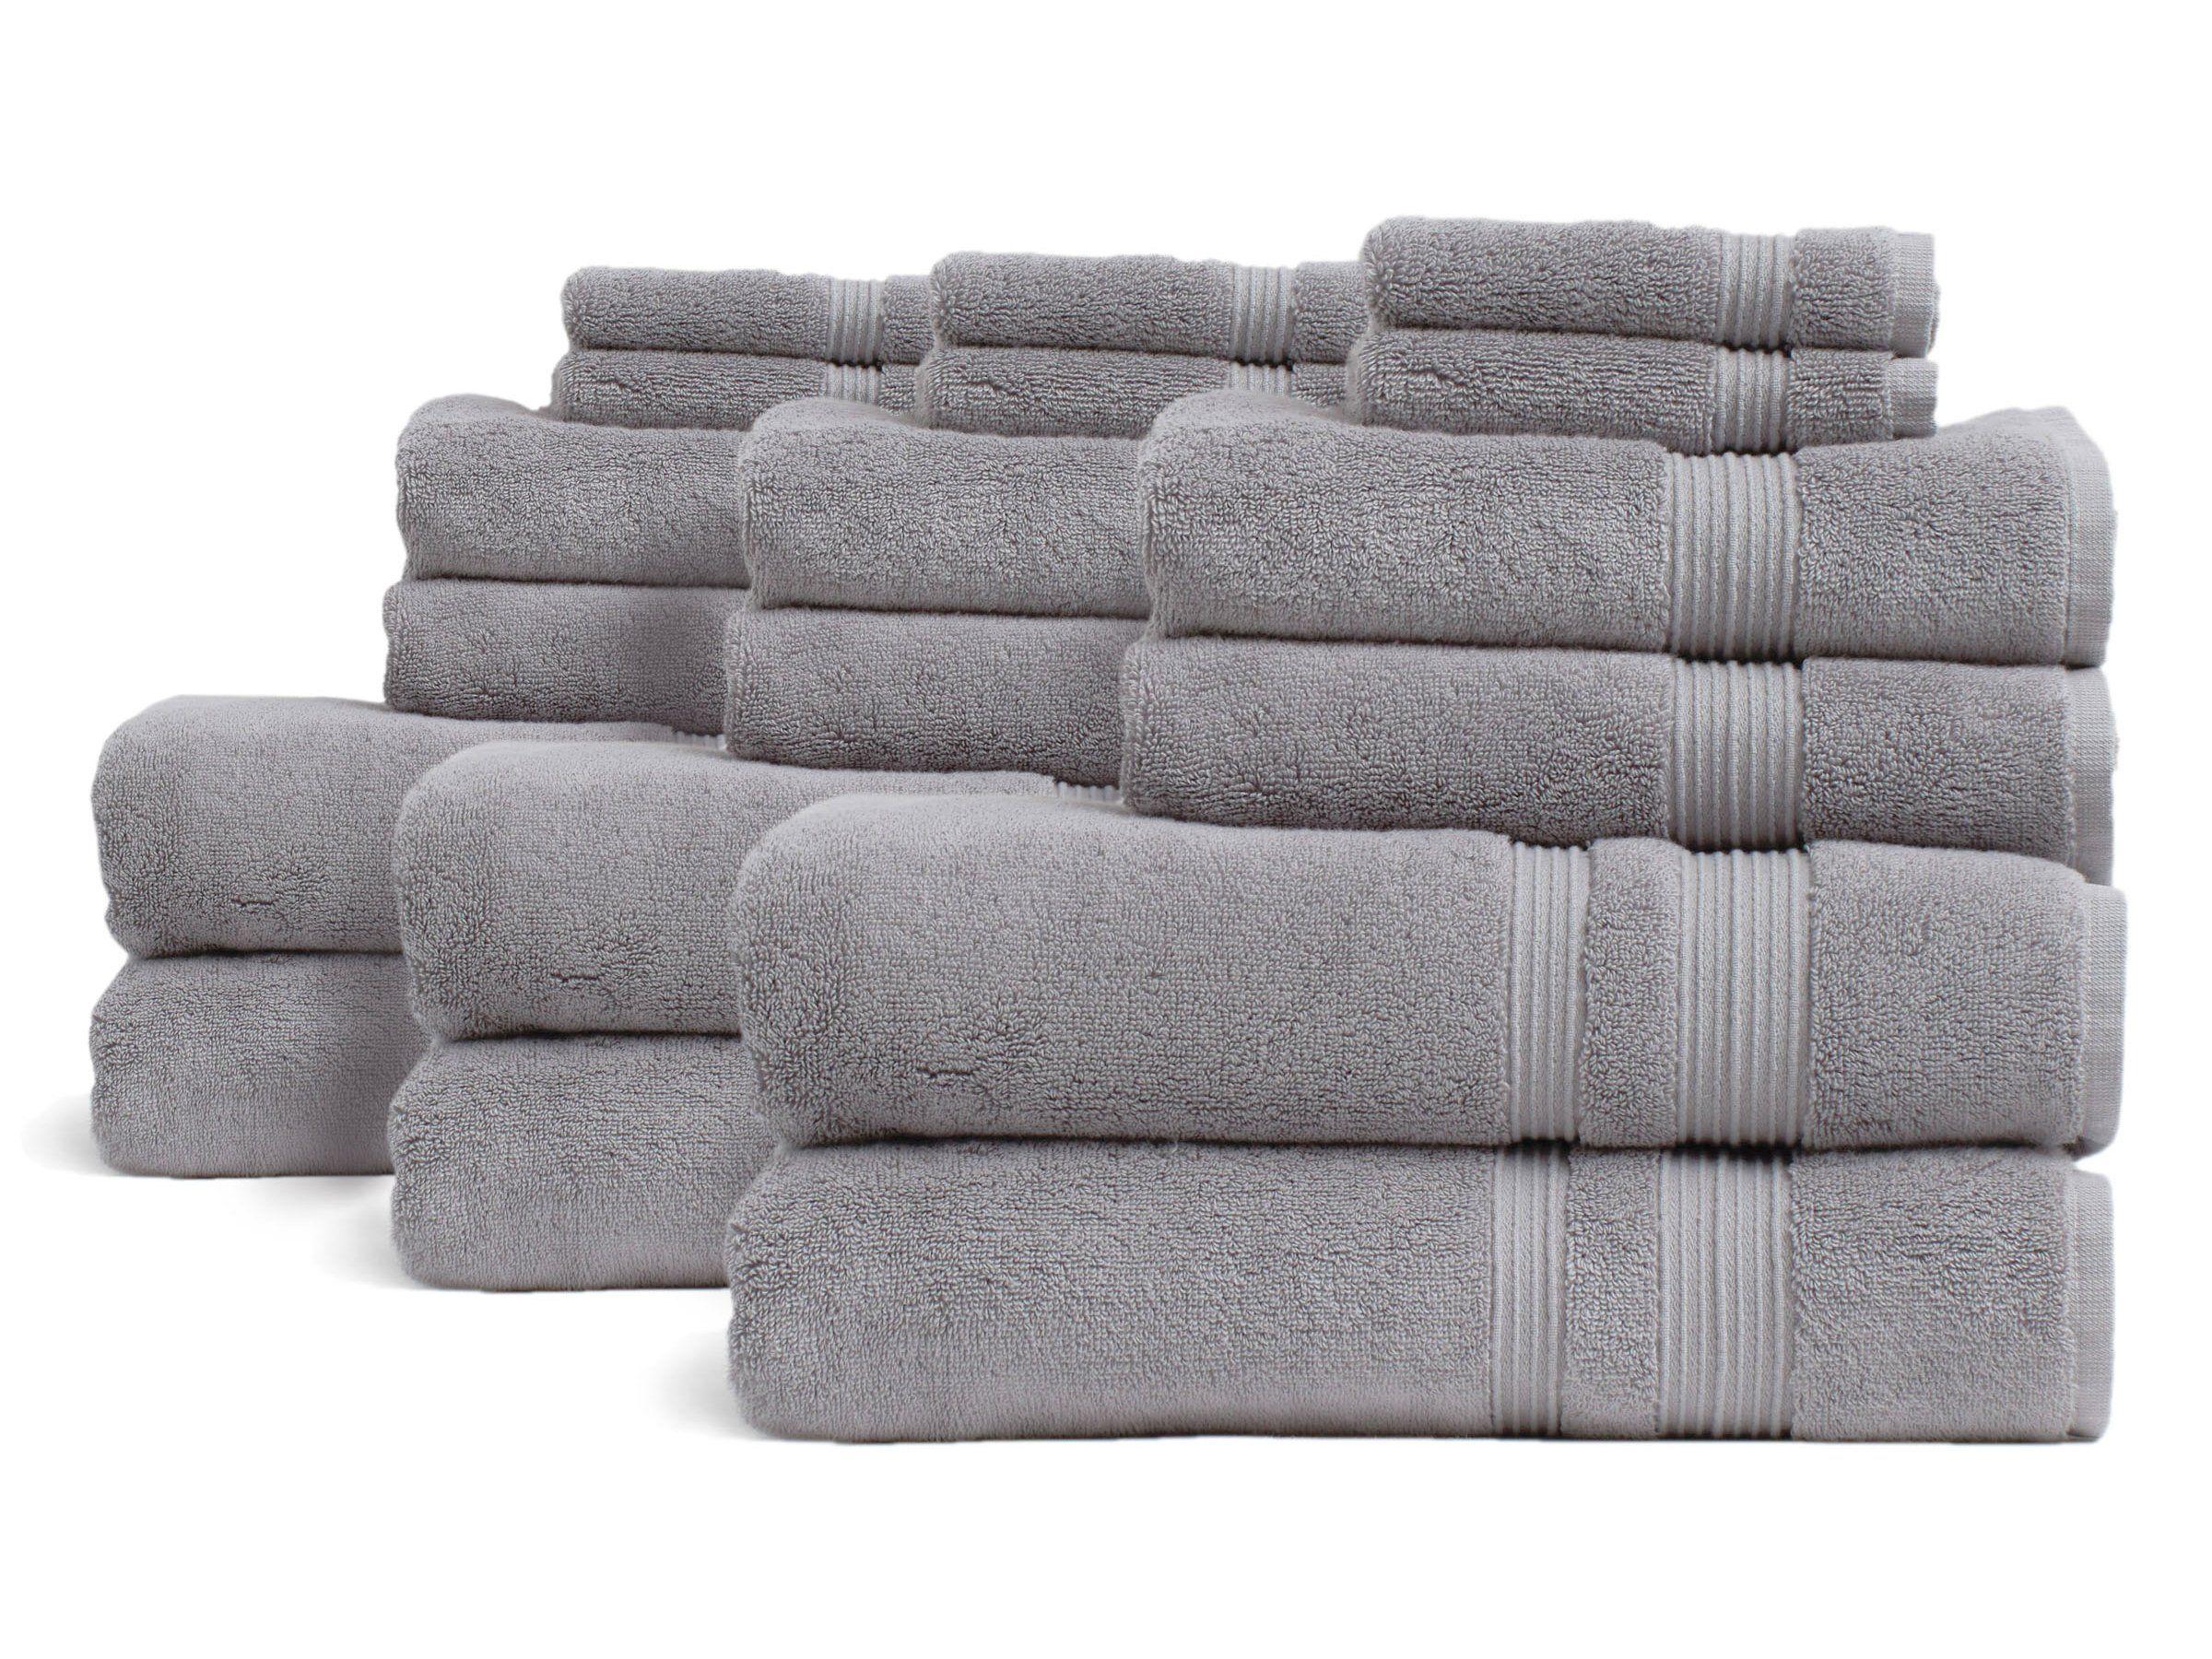 Classic Supreme Towel Bundle Towel Washing Clothes Parachute Home